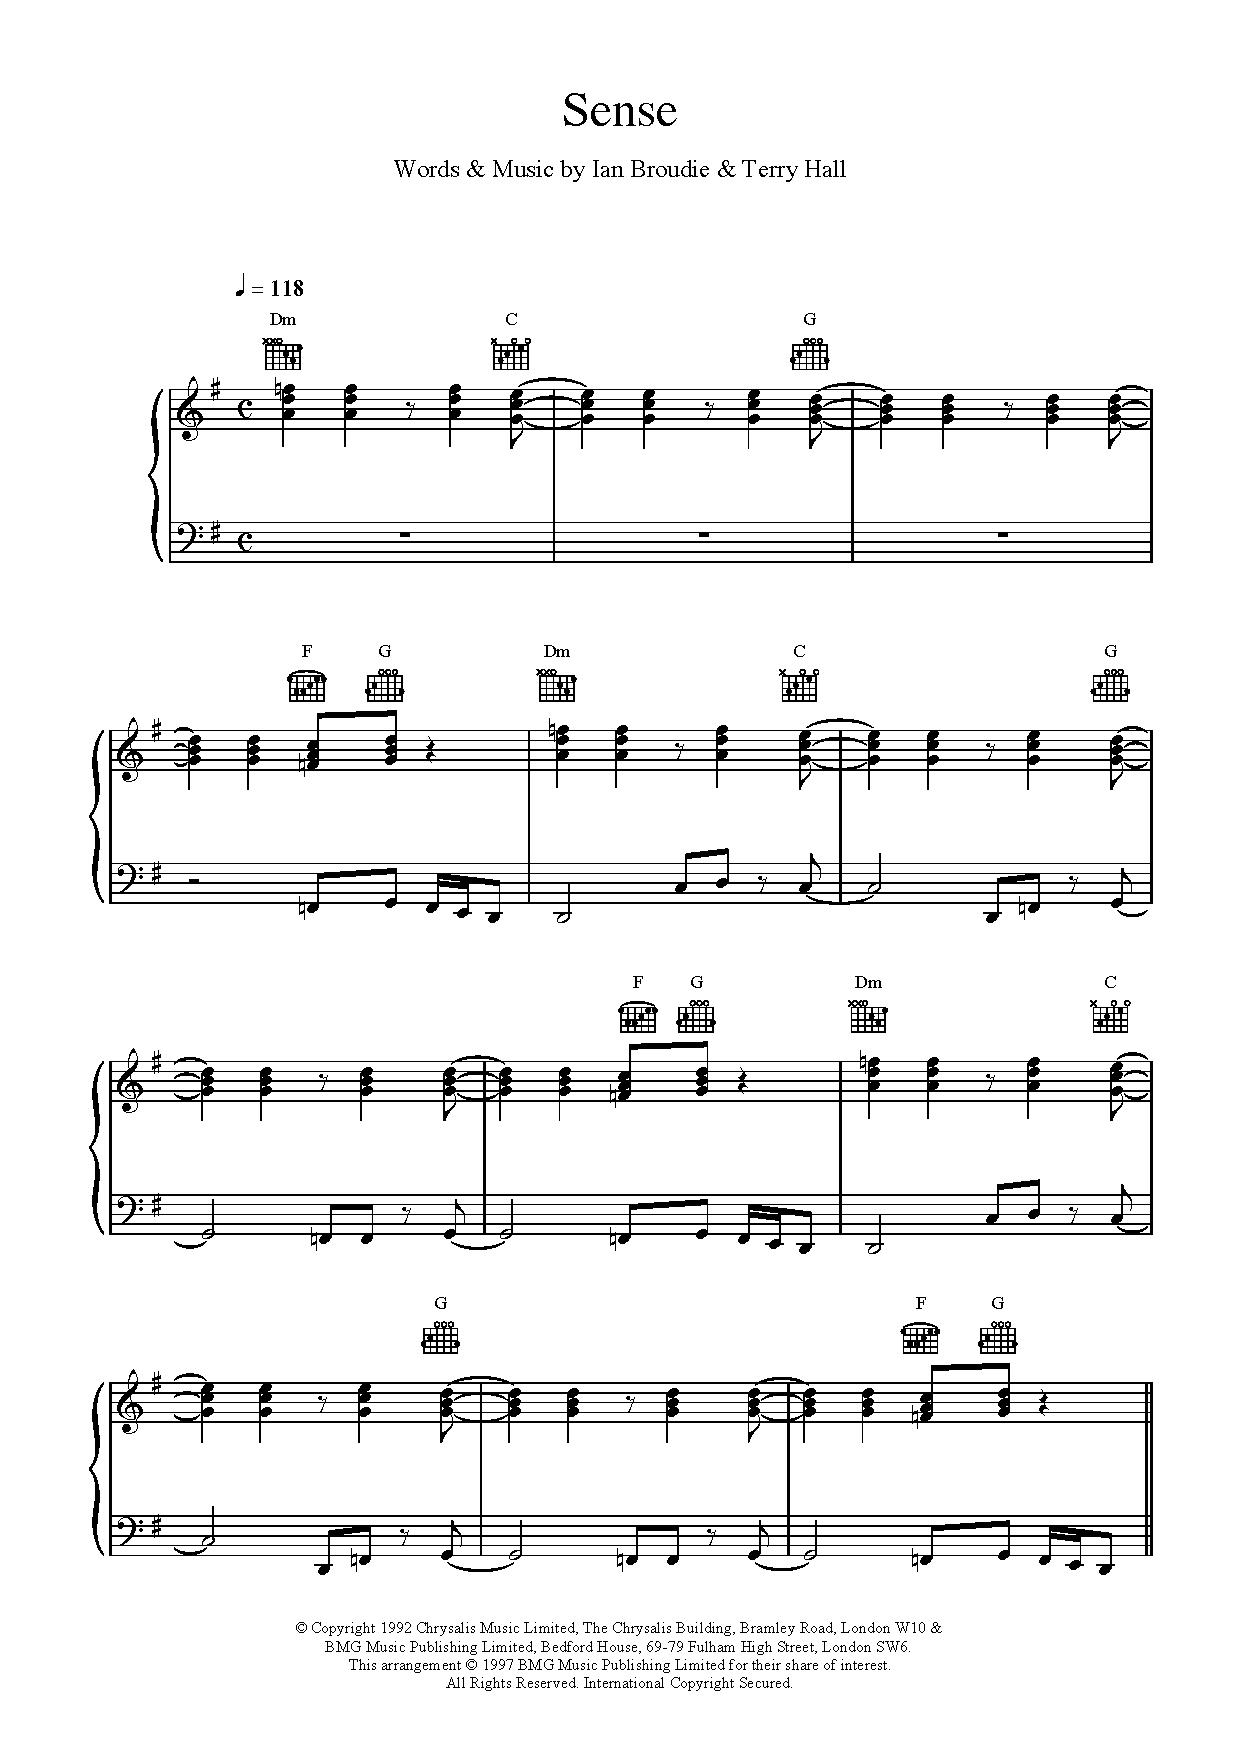 Sense Sheet Music